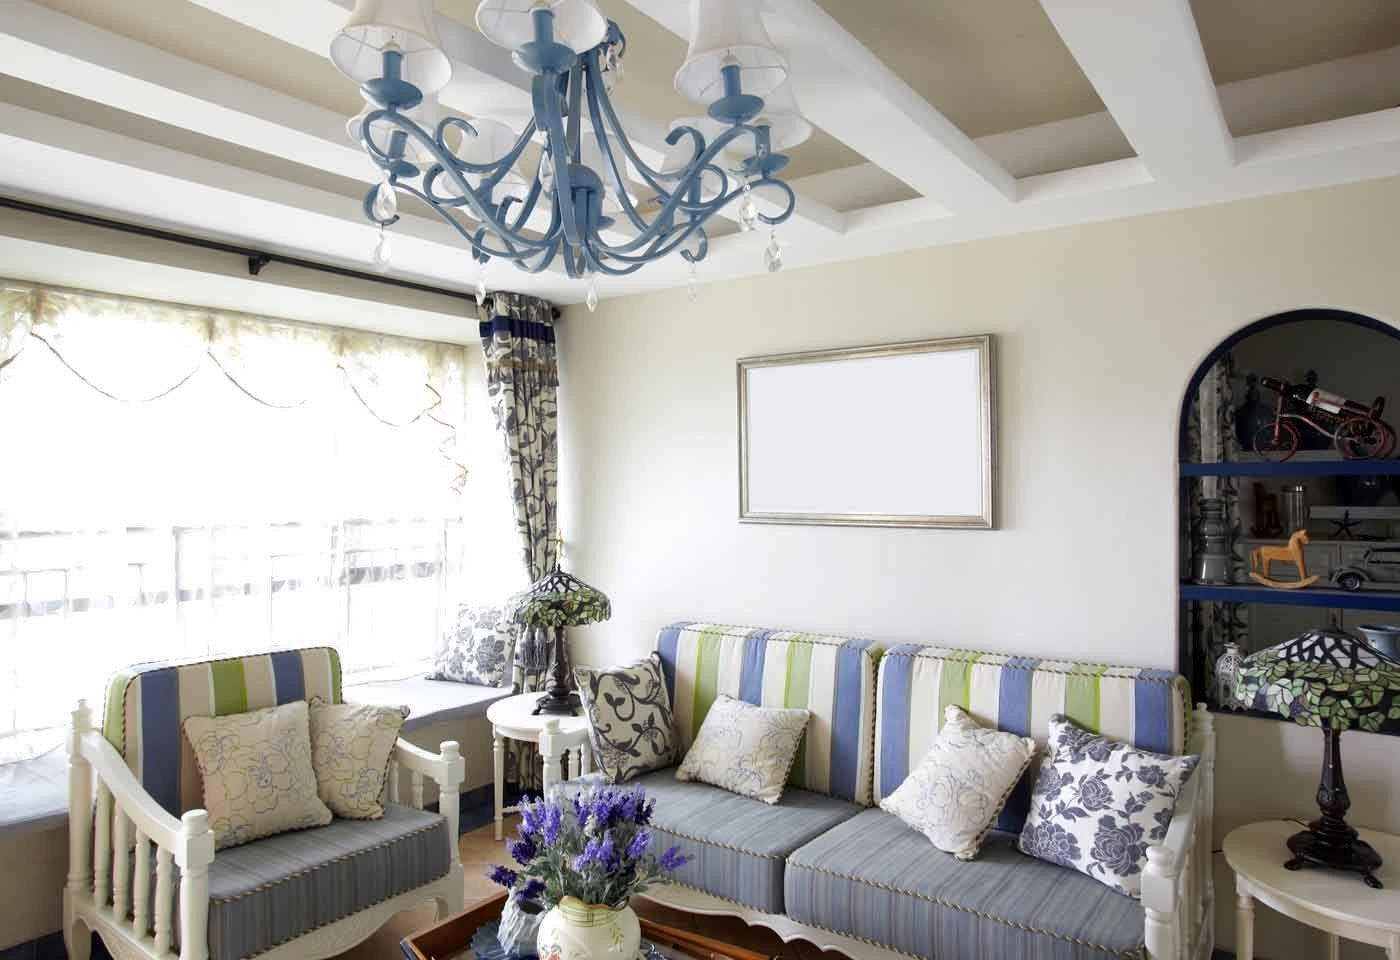 Arredamento Stile Mediterraneo : Casa e arredamento in stile mediterraneo il design italiano